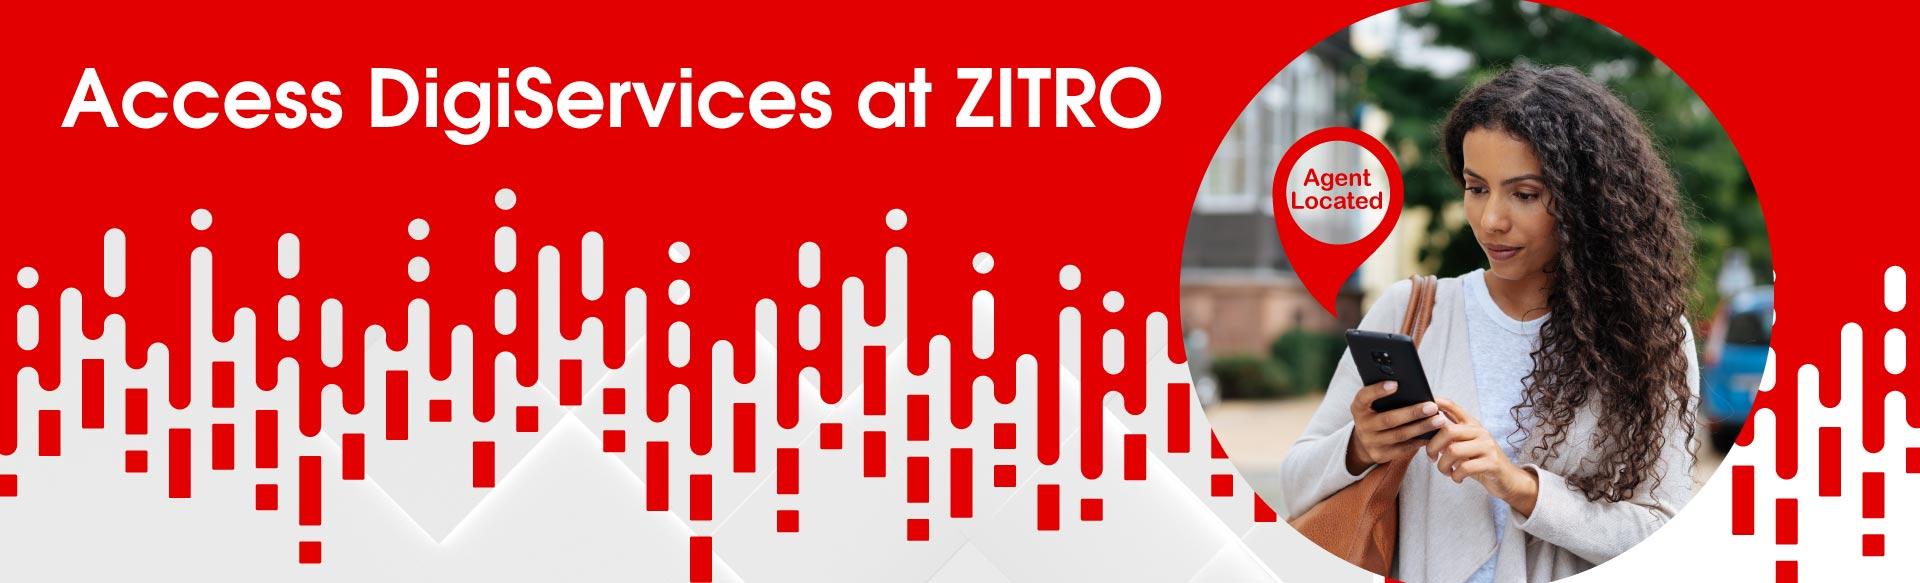 Zitro Locations